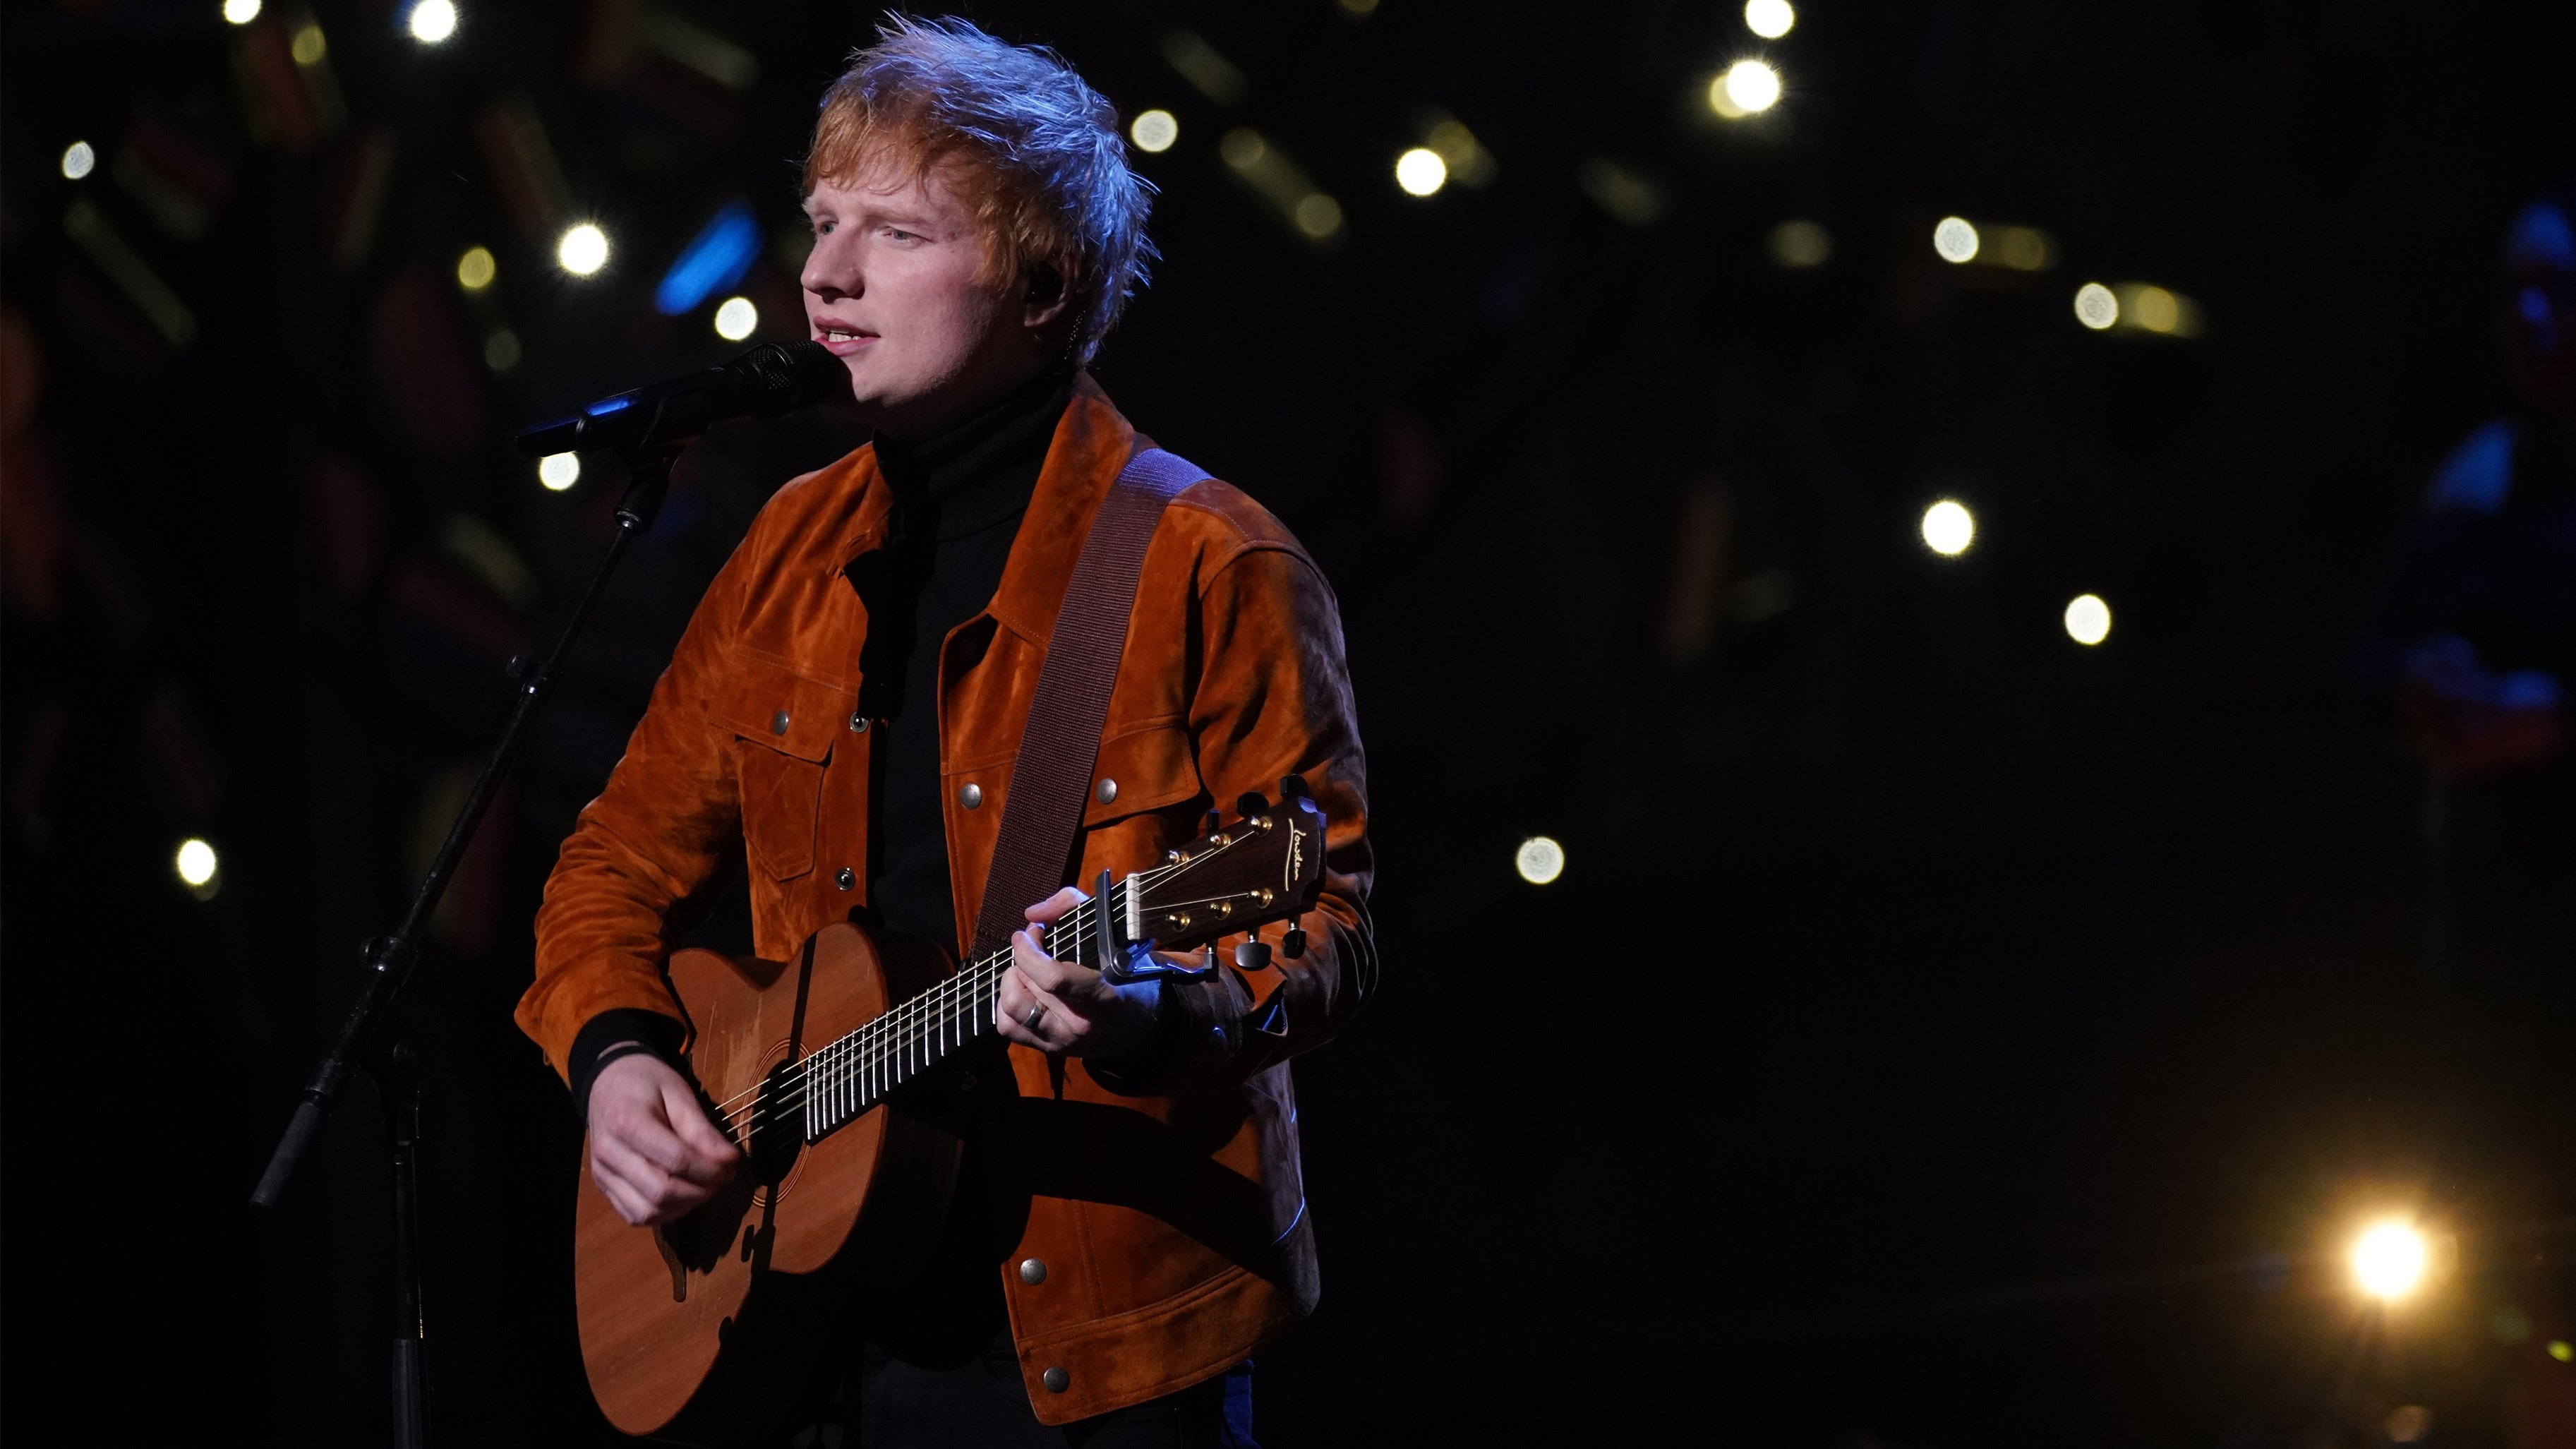 Ed Sheeran Has COVID, Will Do Performances From Home – NBC Bay Area